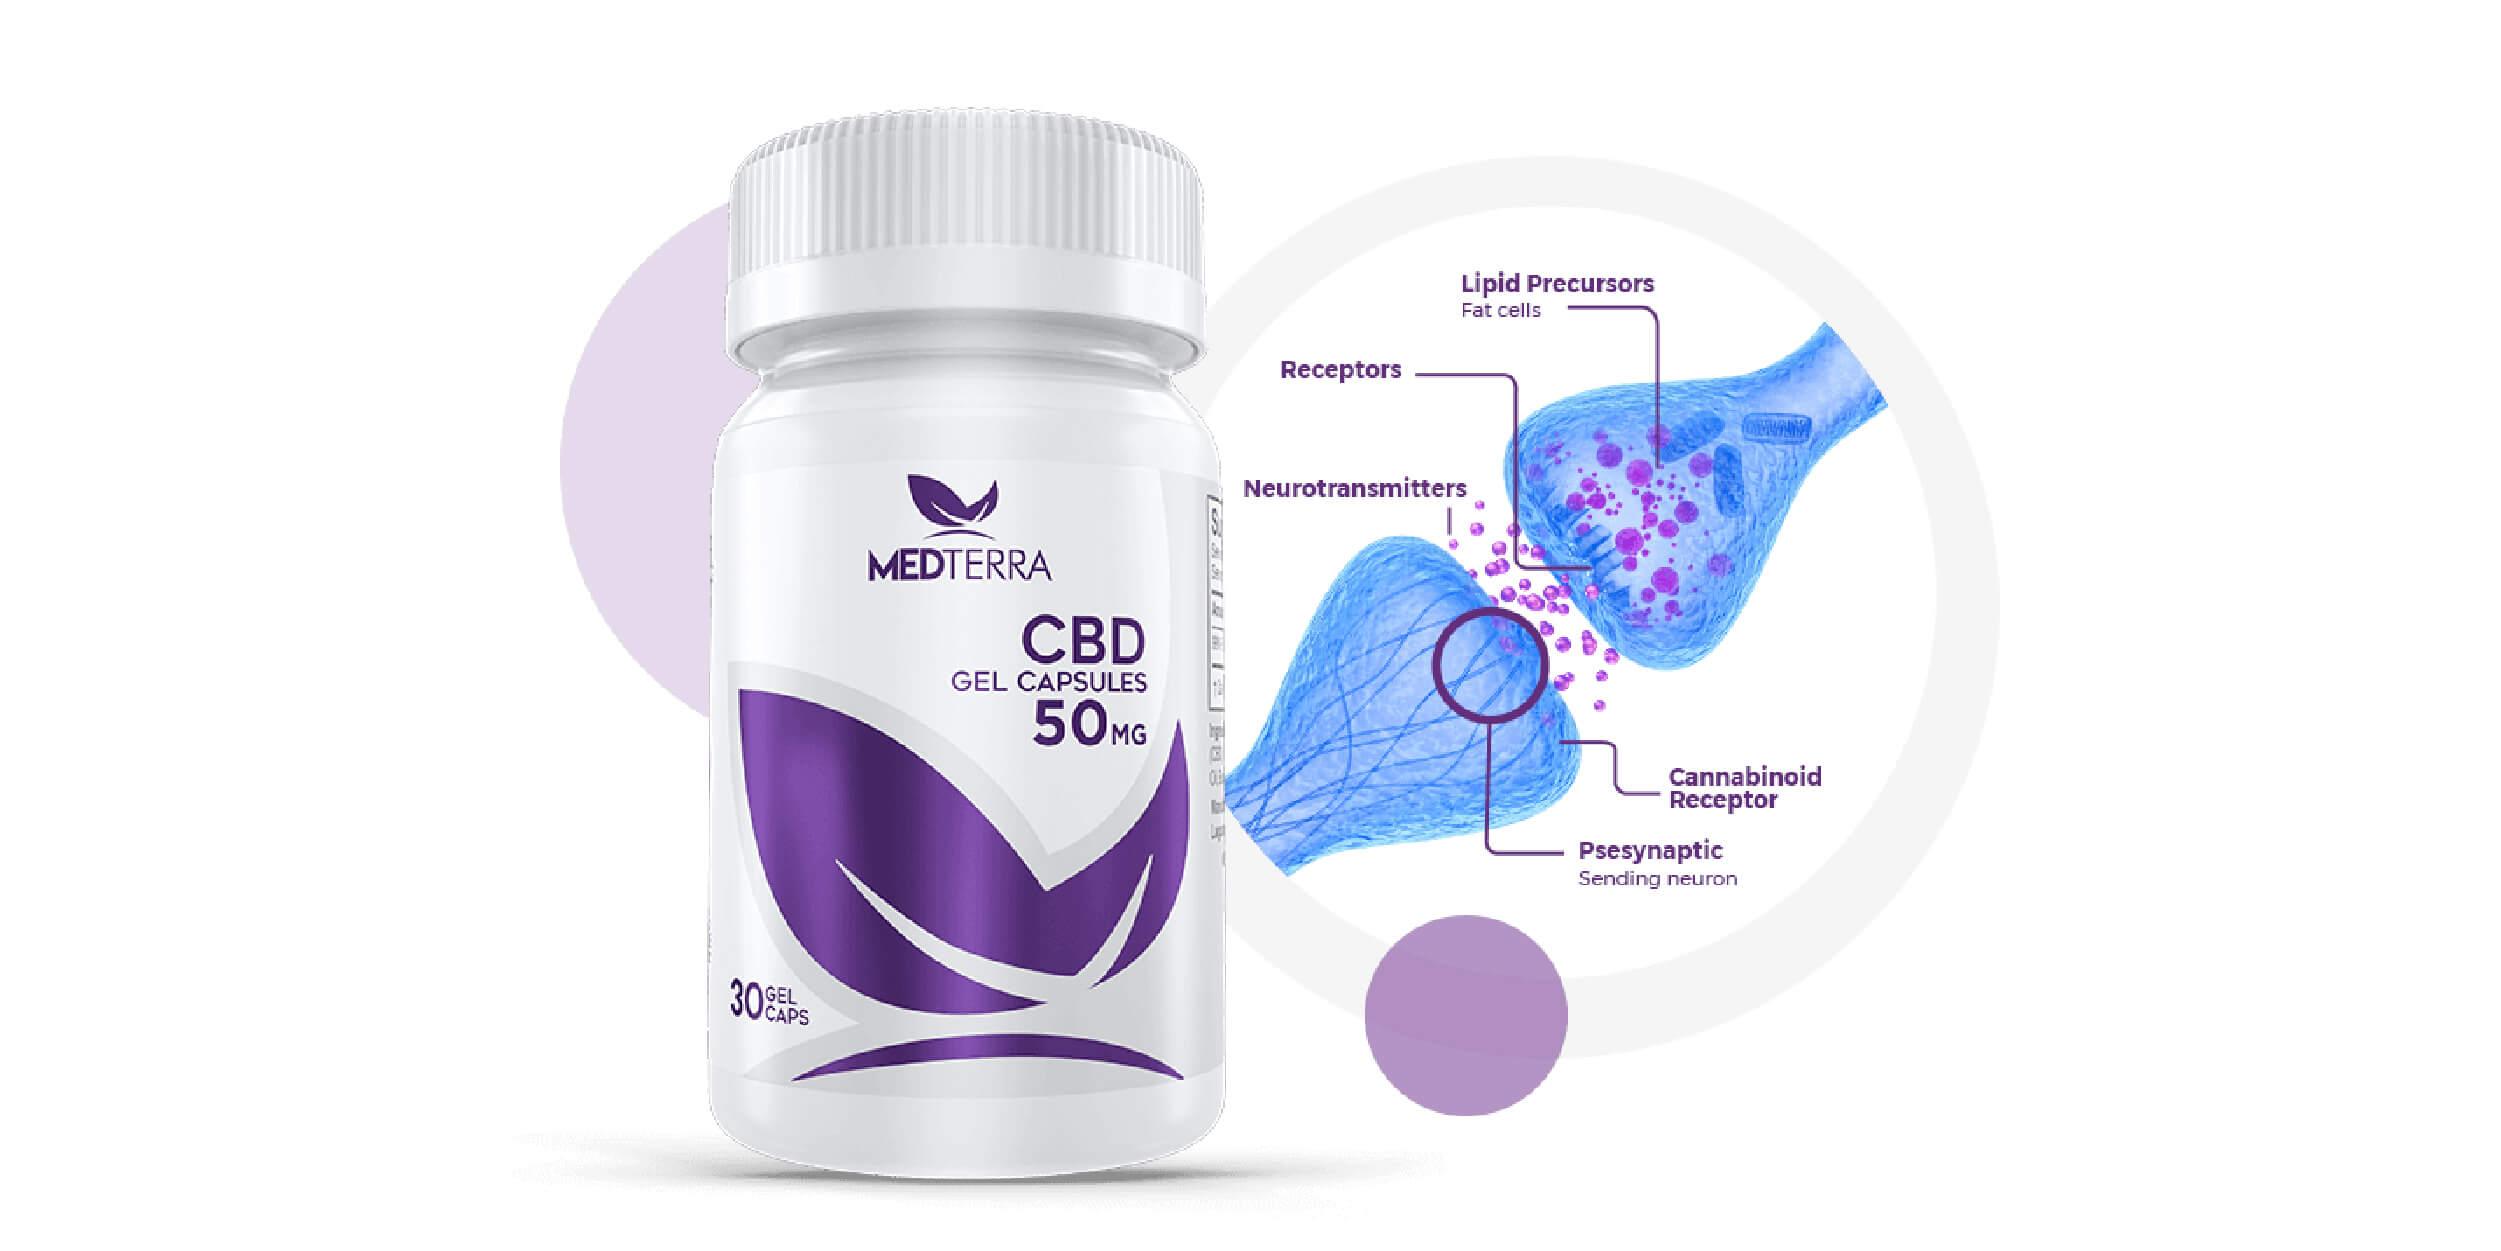 メディテラ-CB1 および CB2 受容体とは?